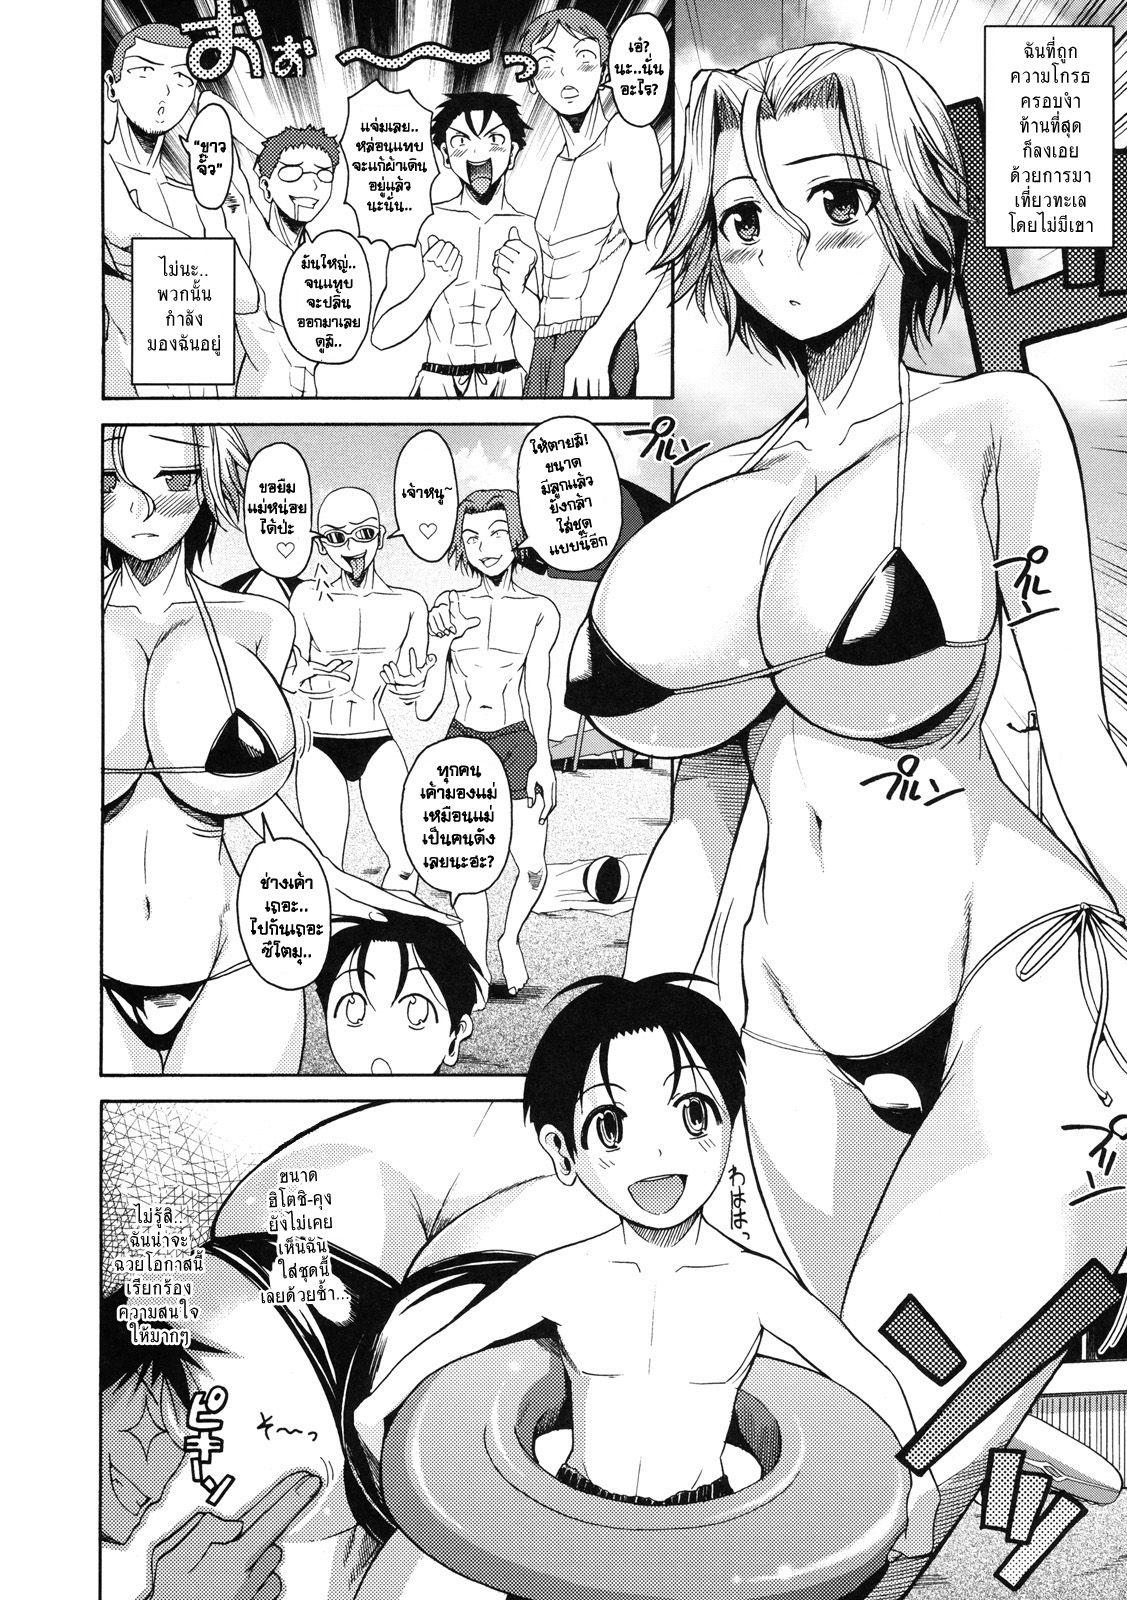 [โดจิน]  Natsu★Mama (Shinzui Summer Ver. Vol. 1)   =C@T@12OCK= | การ์ตูน Doujin Manga แปลไทยล้วนๆ - XONLY4